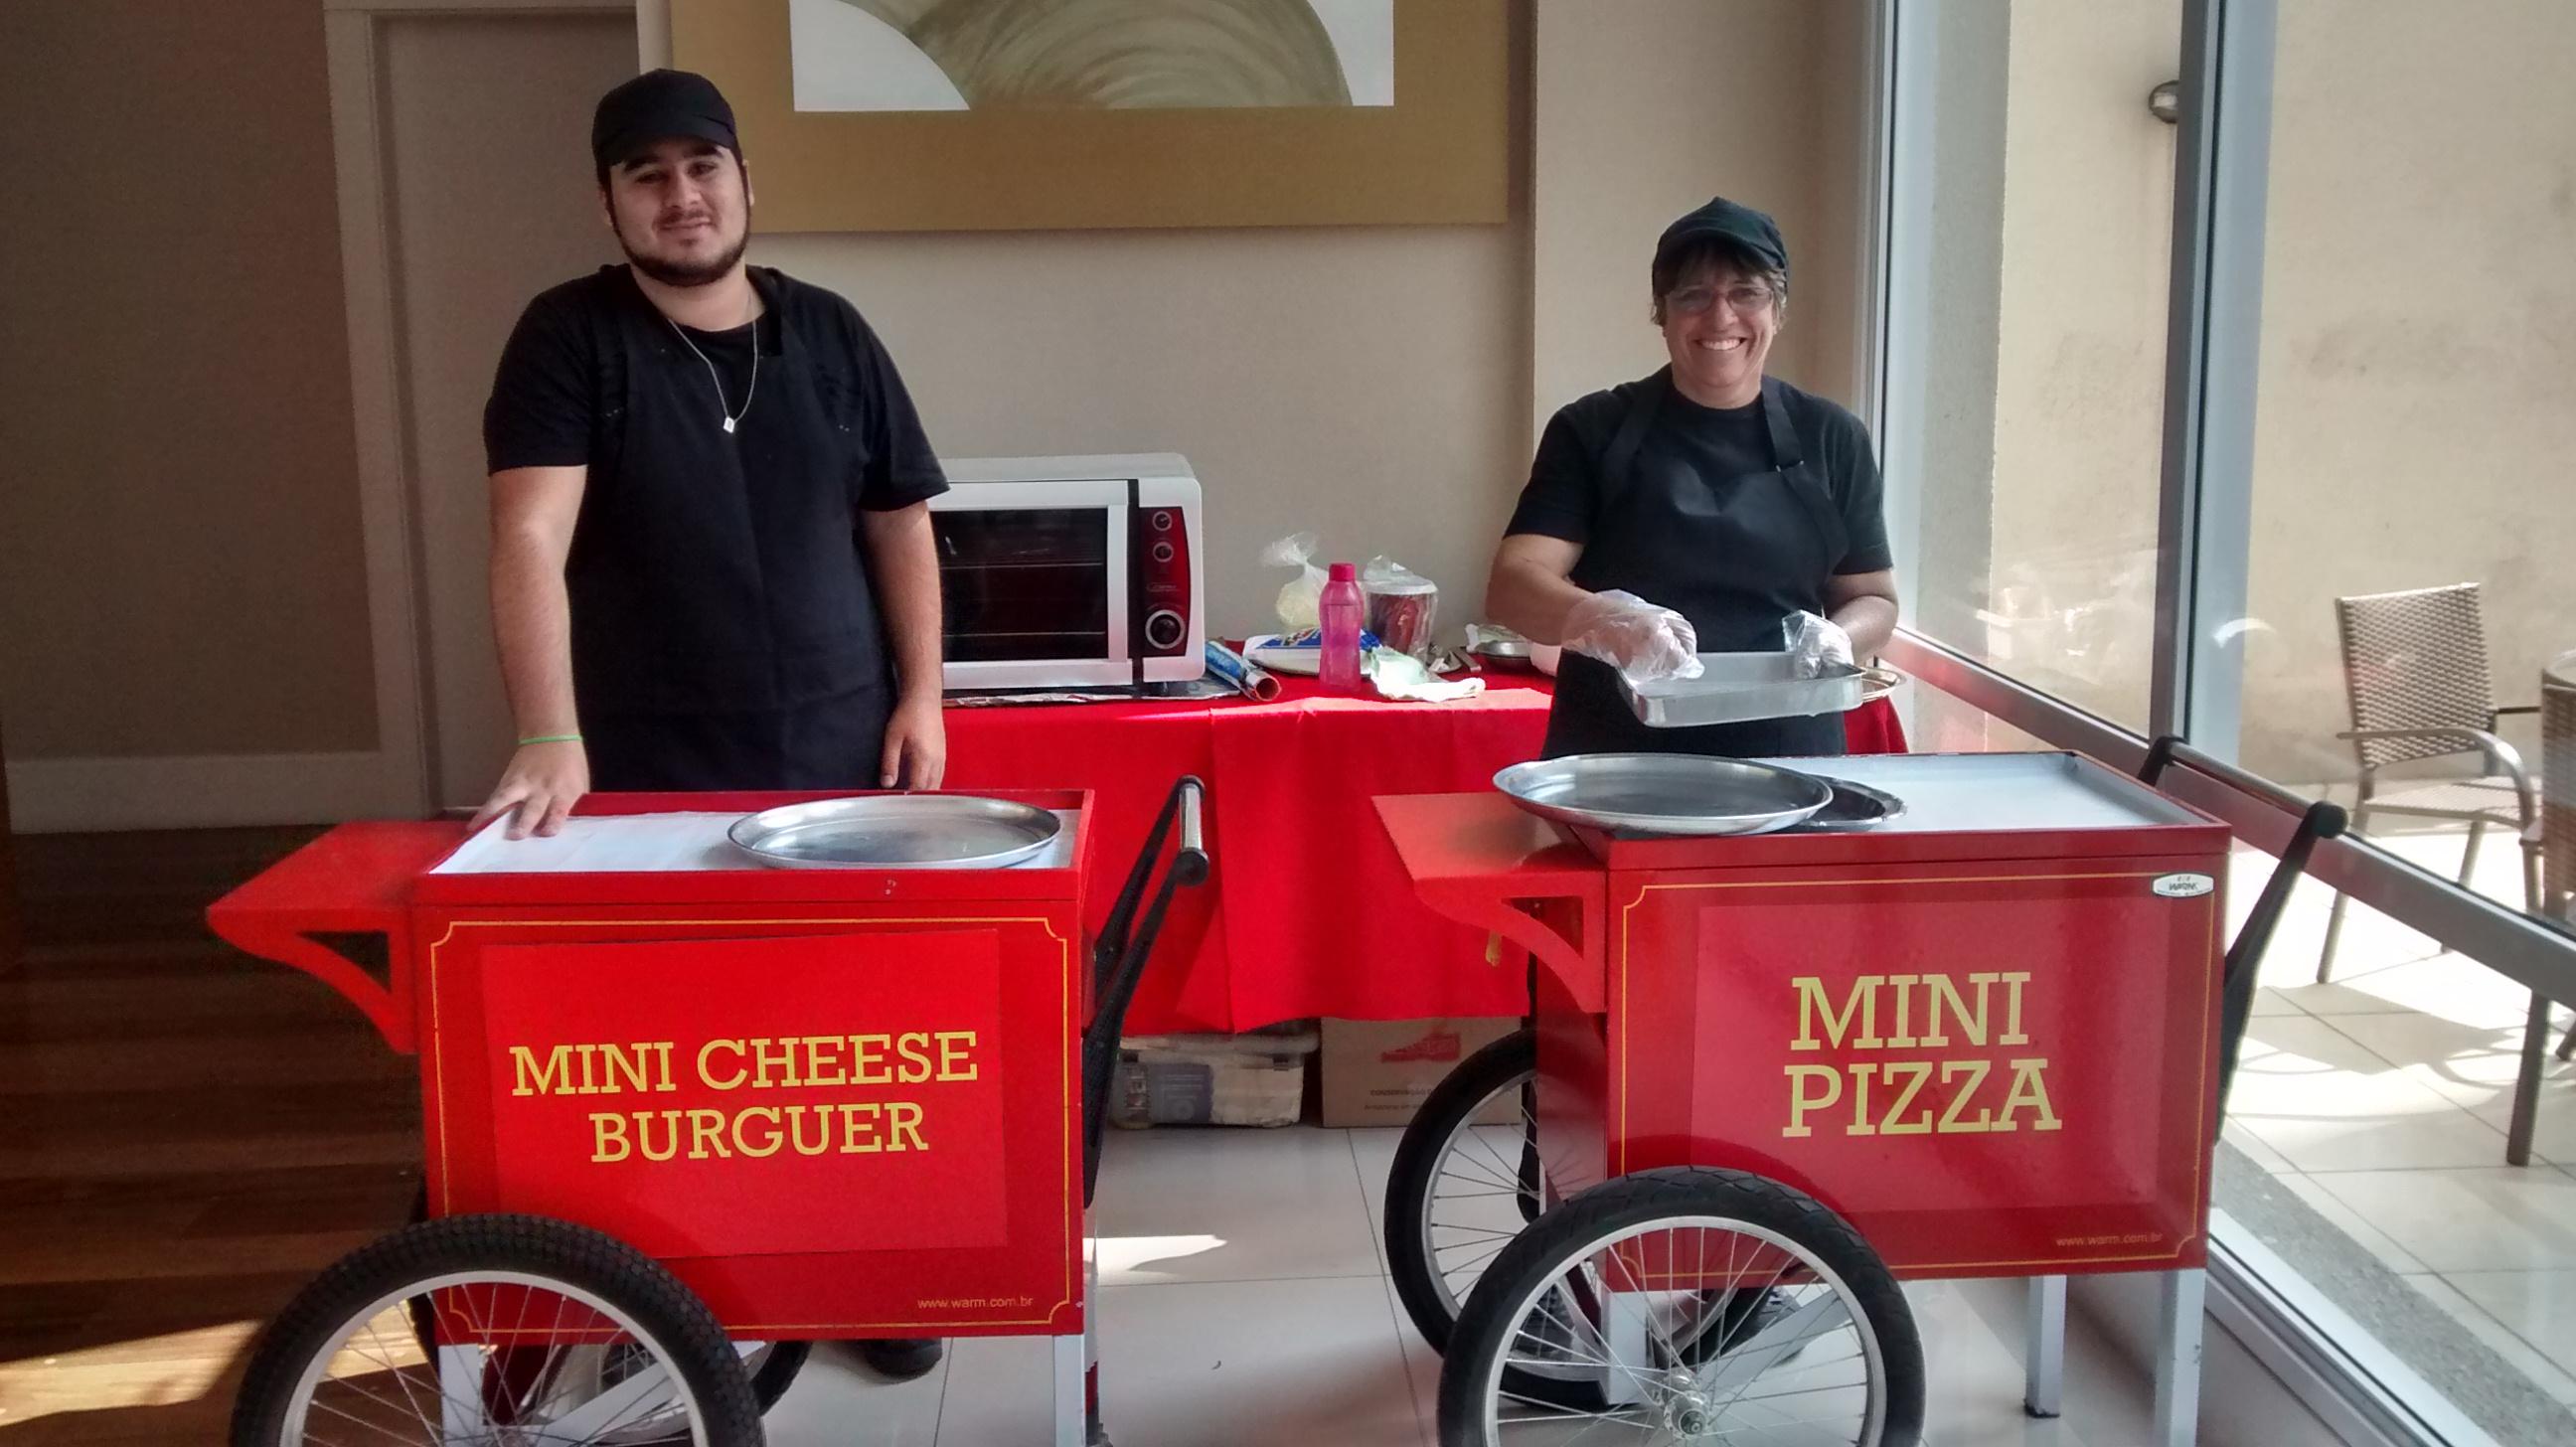 Carrinhos de Mini X-Burguer e Pizza